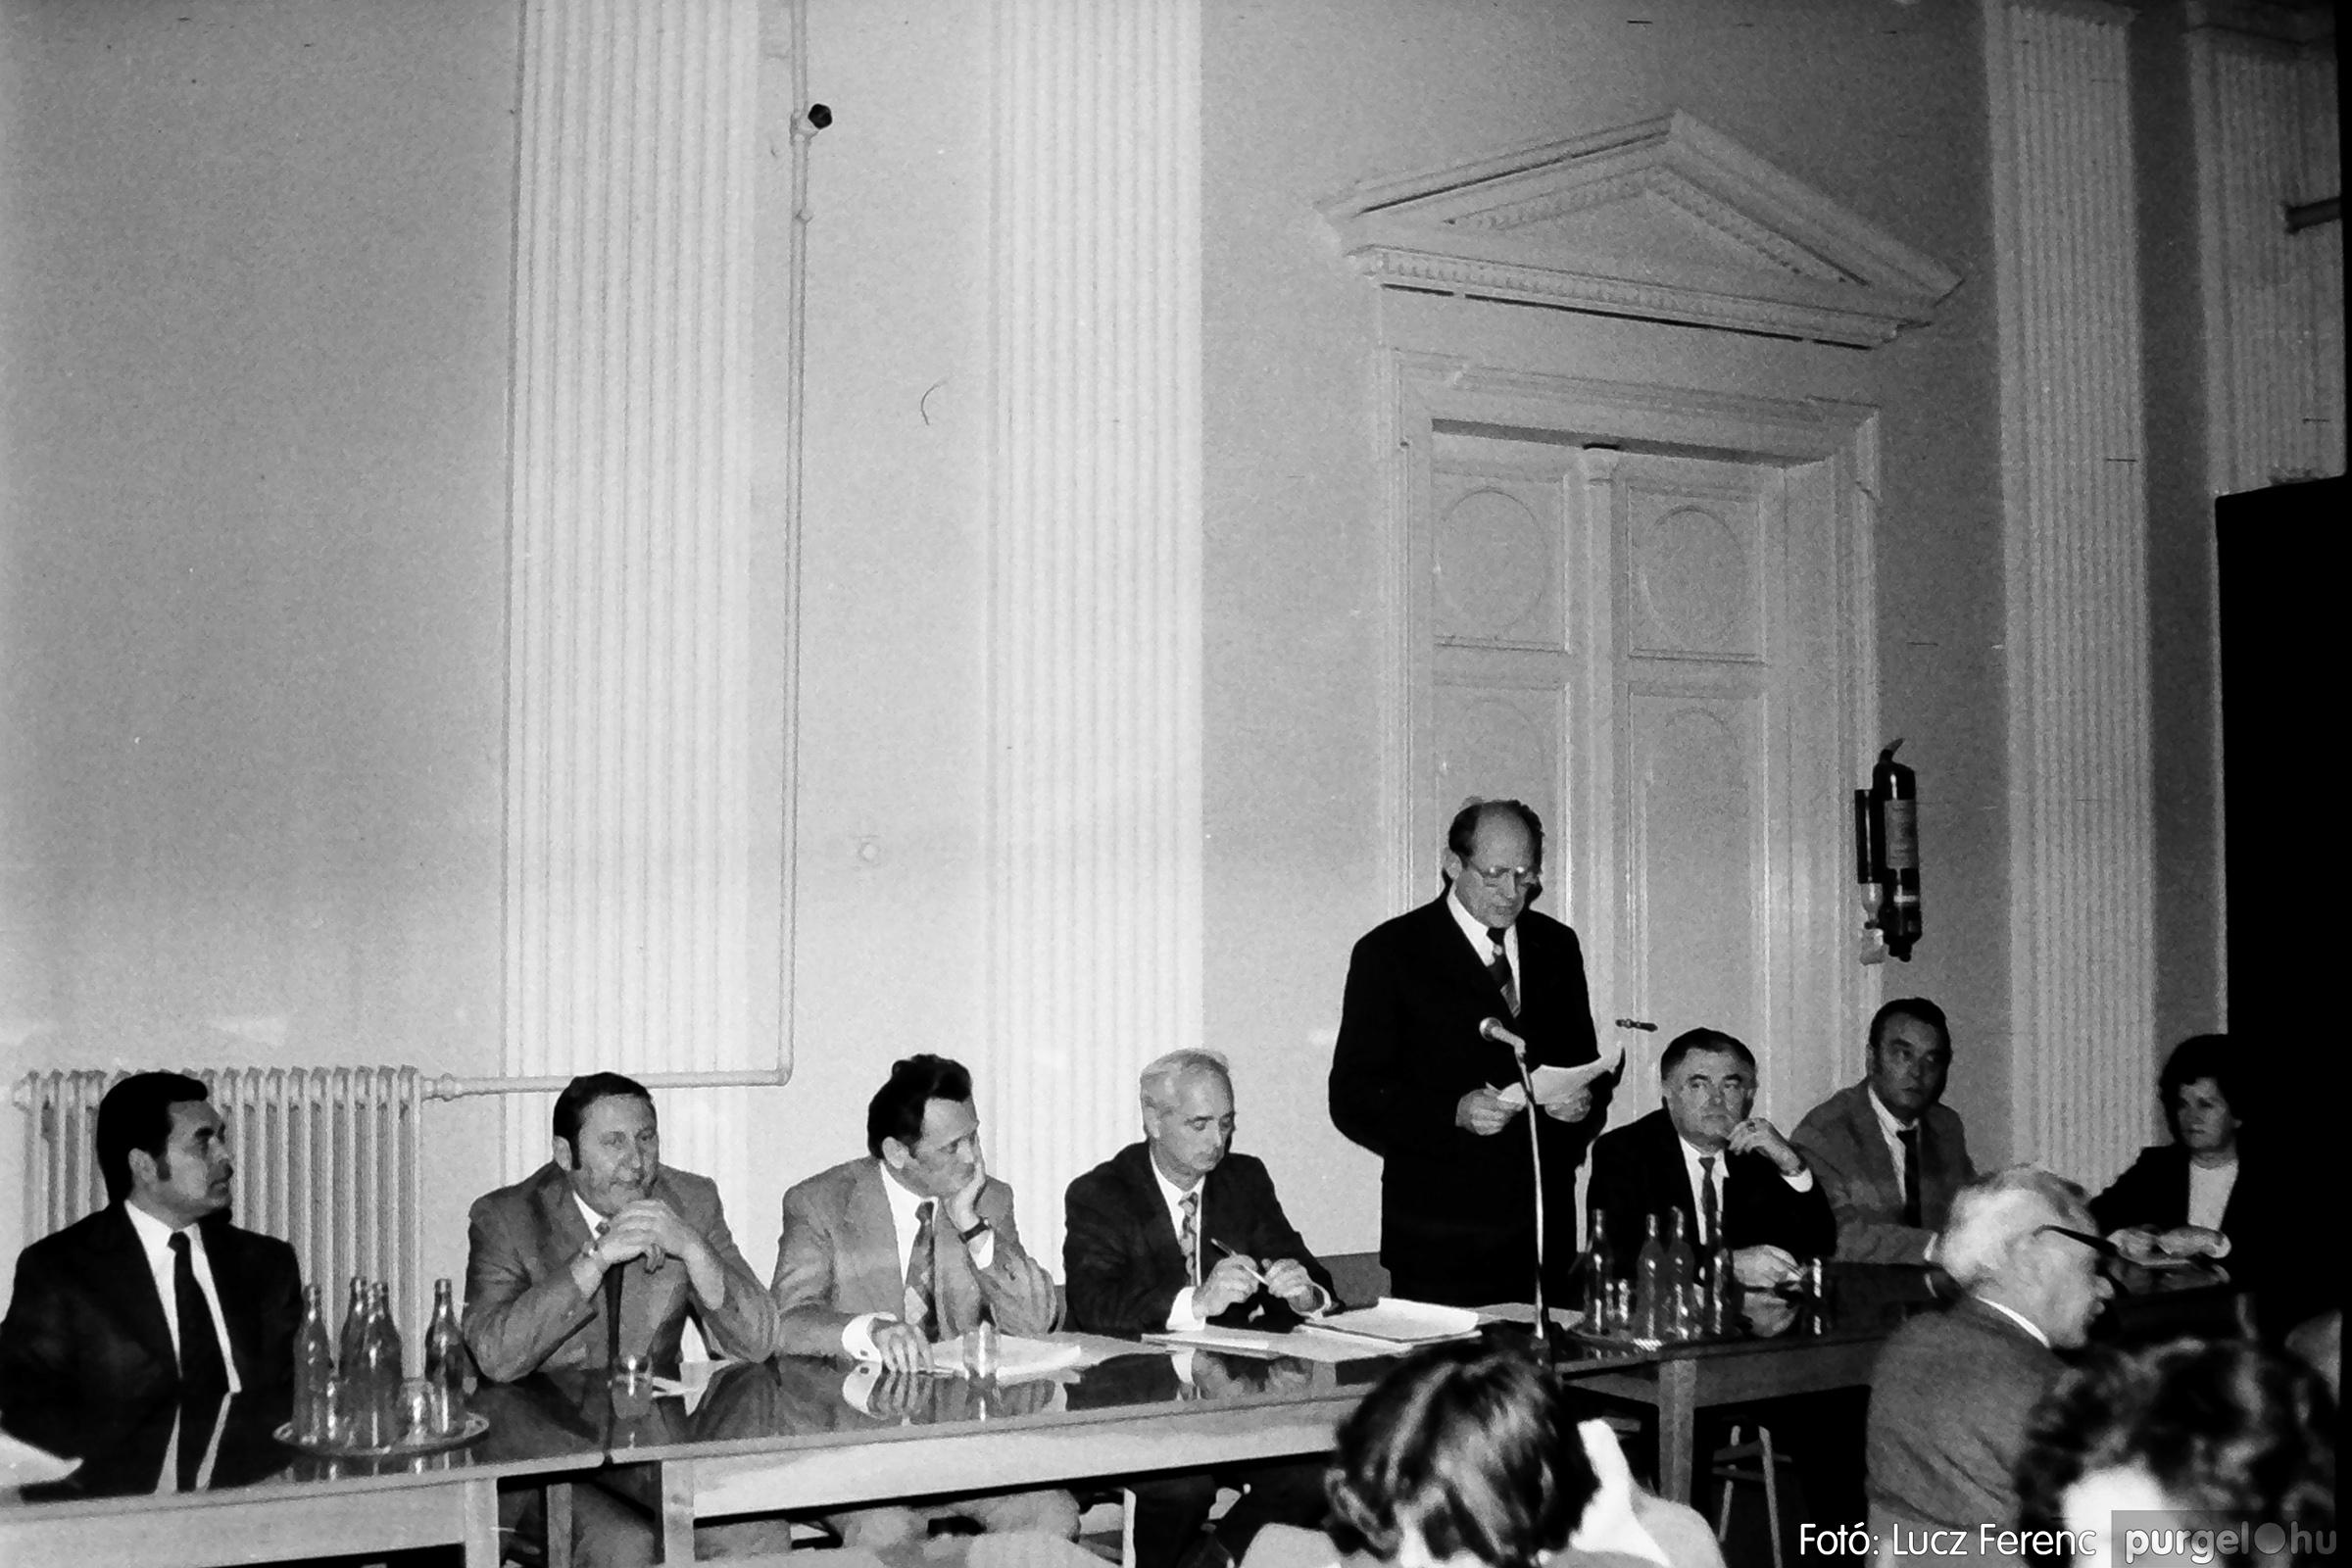 072. 1977. ÁFÉSZ küldöttgyűlés a szentesi megyeházban 008. - Fotó: Lucz Ferenc.jpg